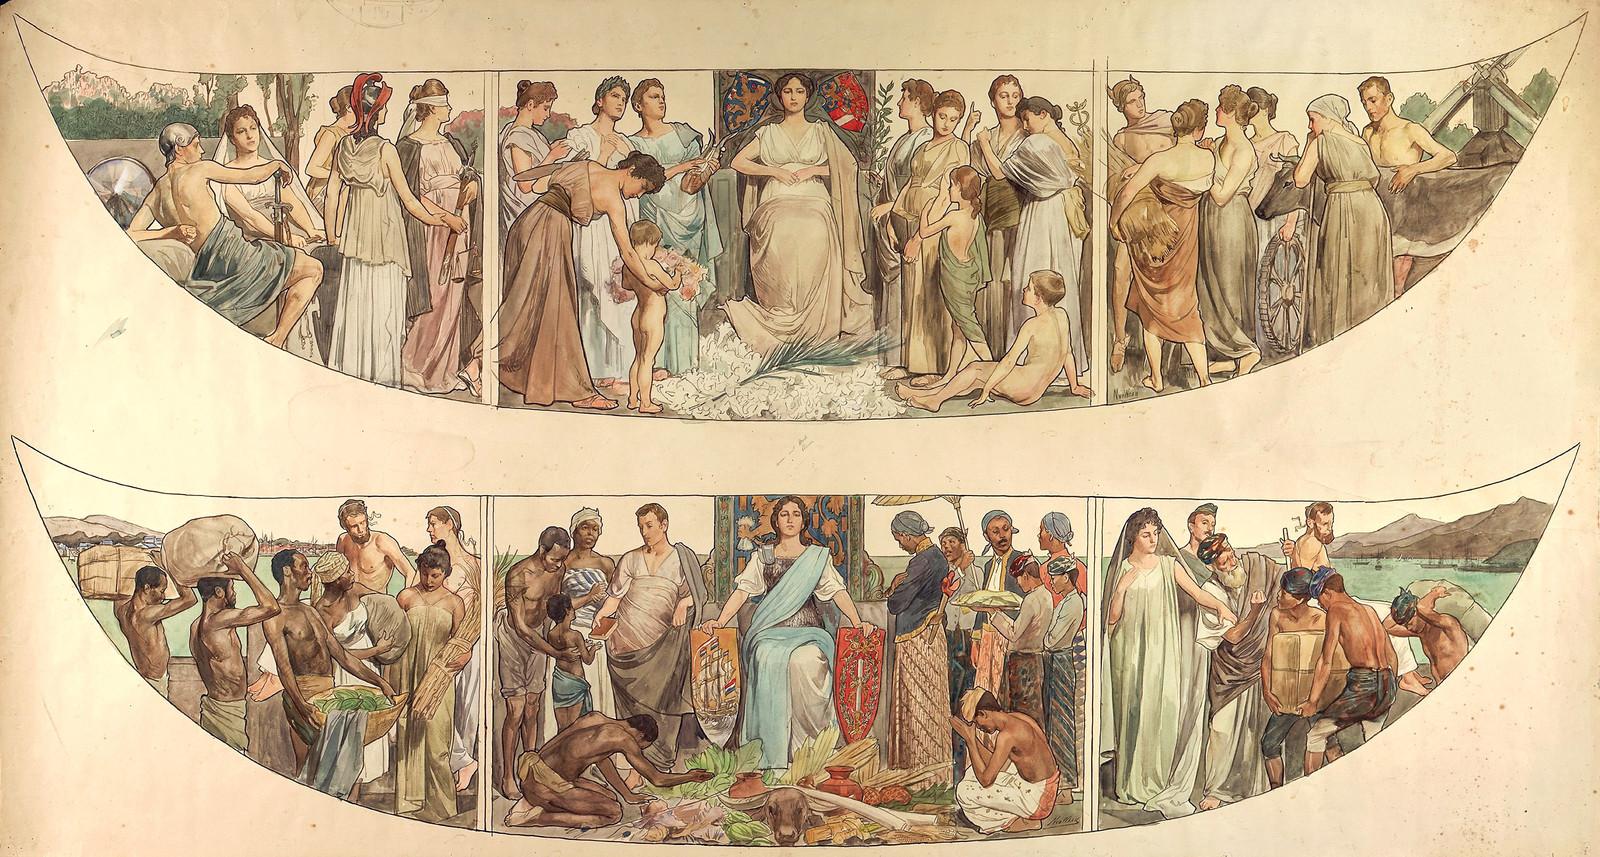 Op panelen van de Gouden Koets zijn slaven te zien.